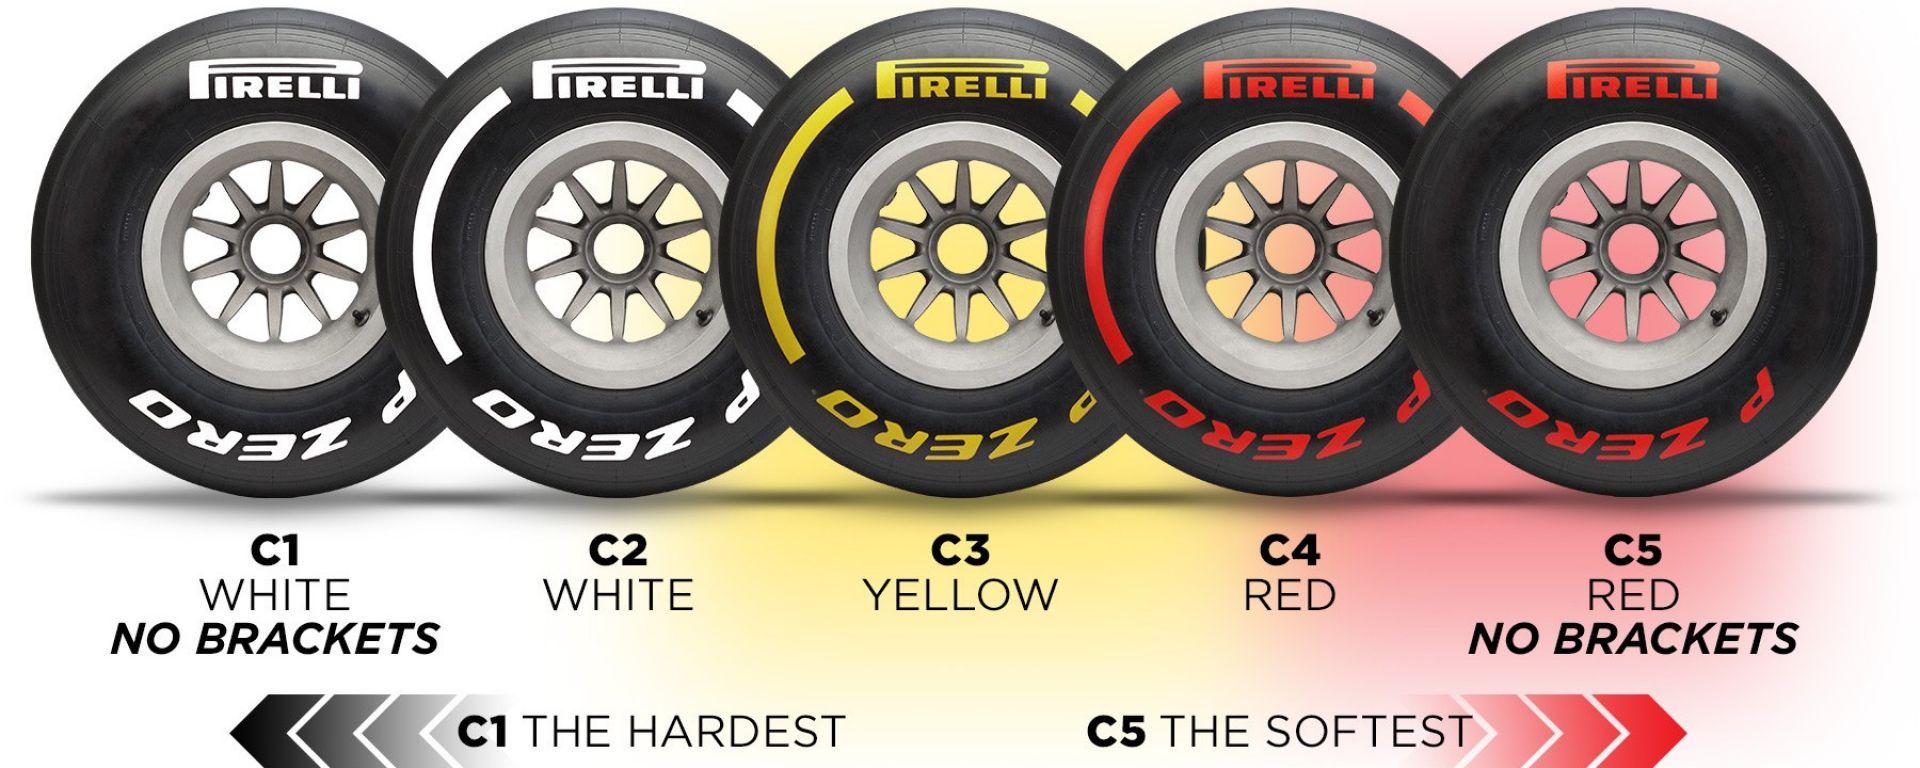 Test F1 Barcellona, tutti i segreti delle nuove gomme Pirelli